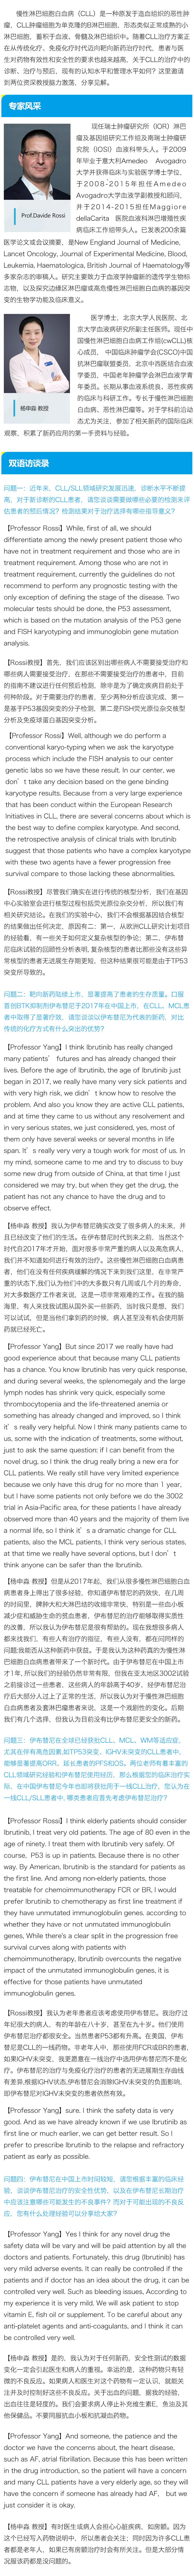 中英文采访-2.png